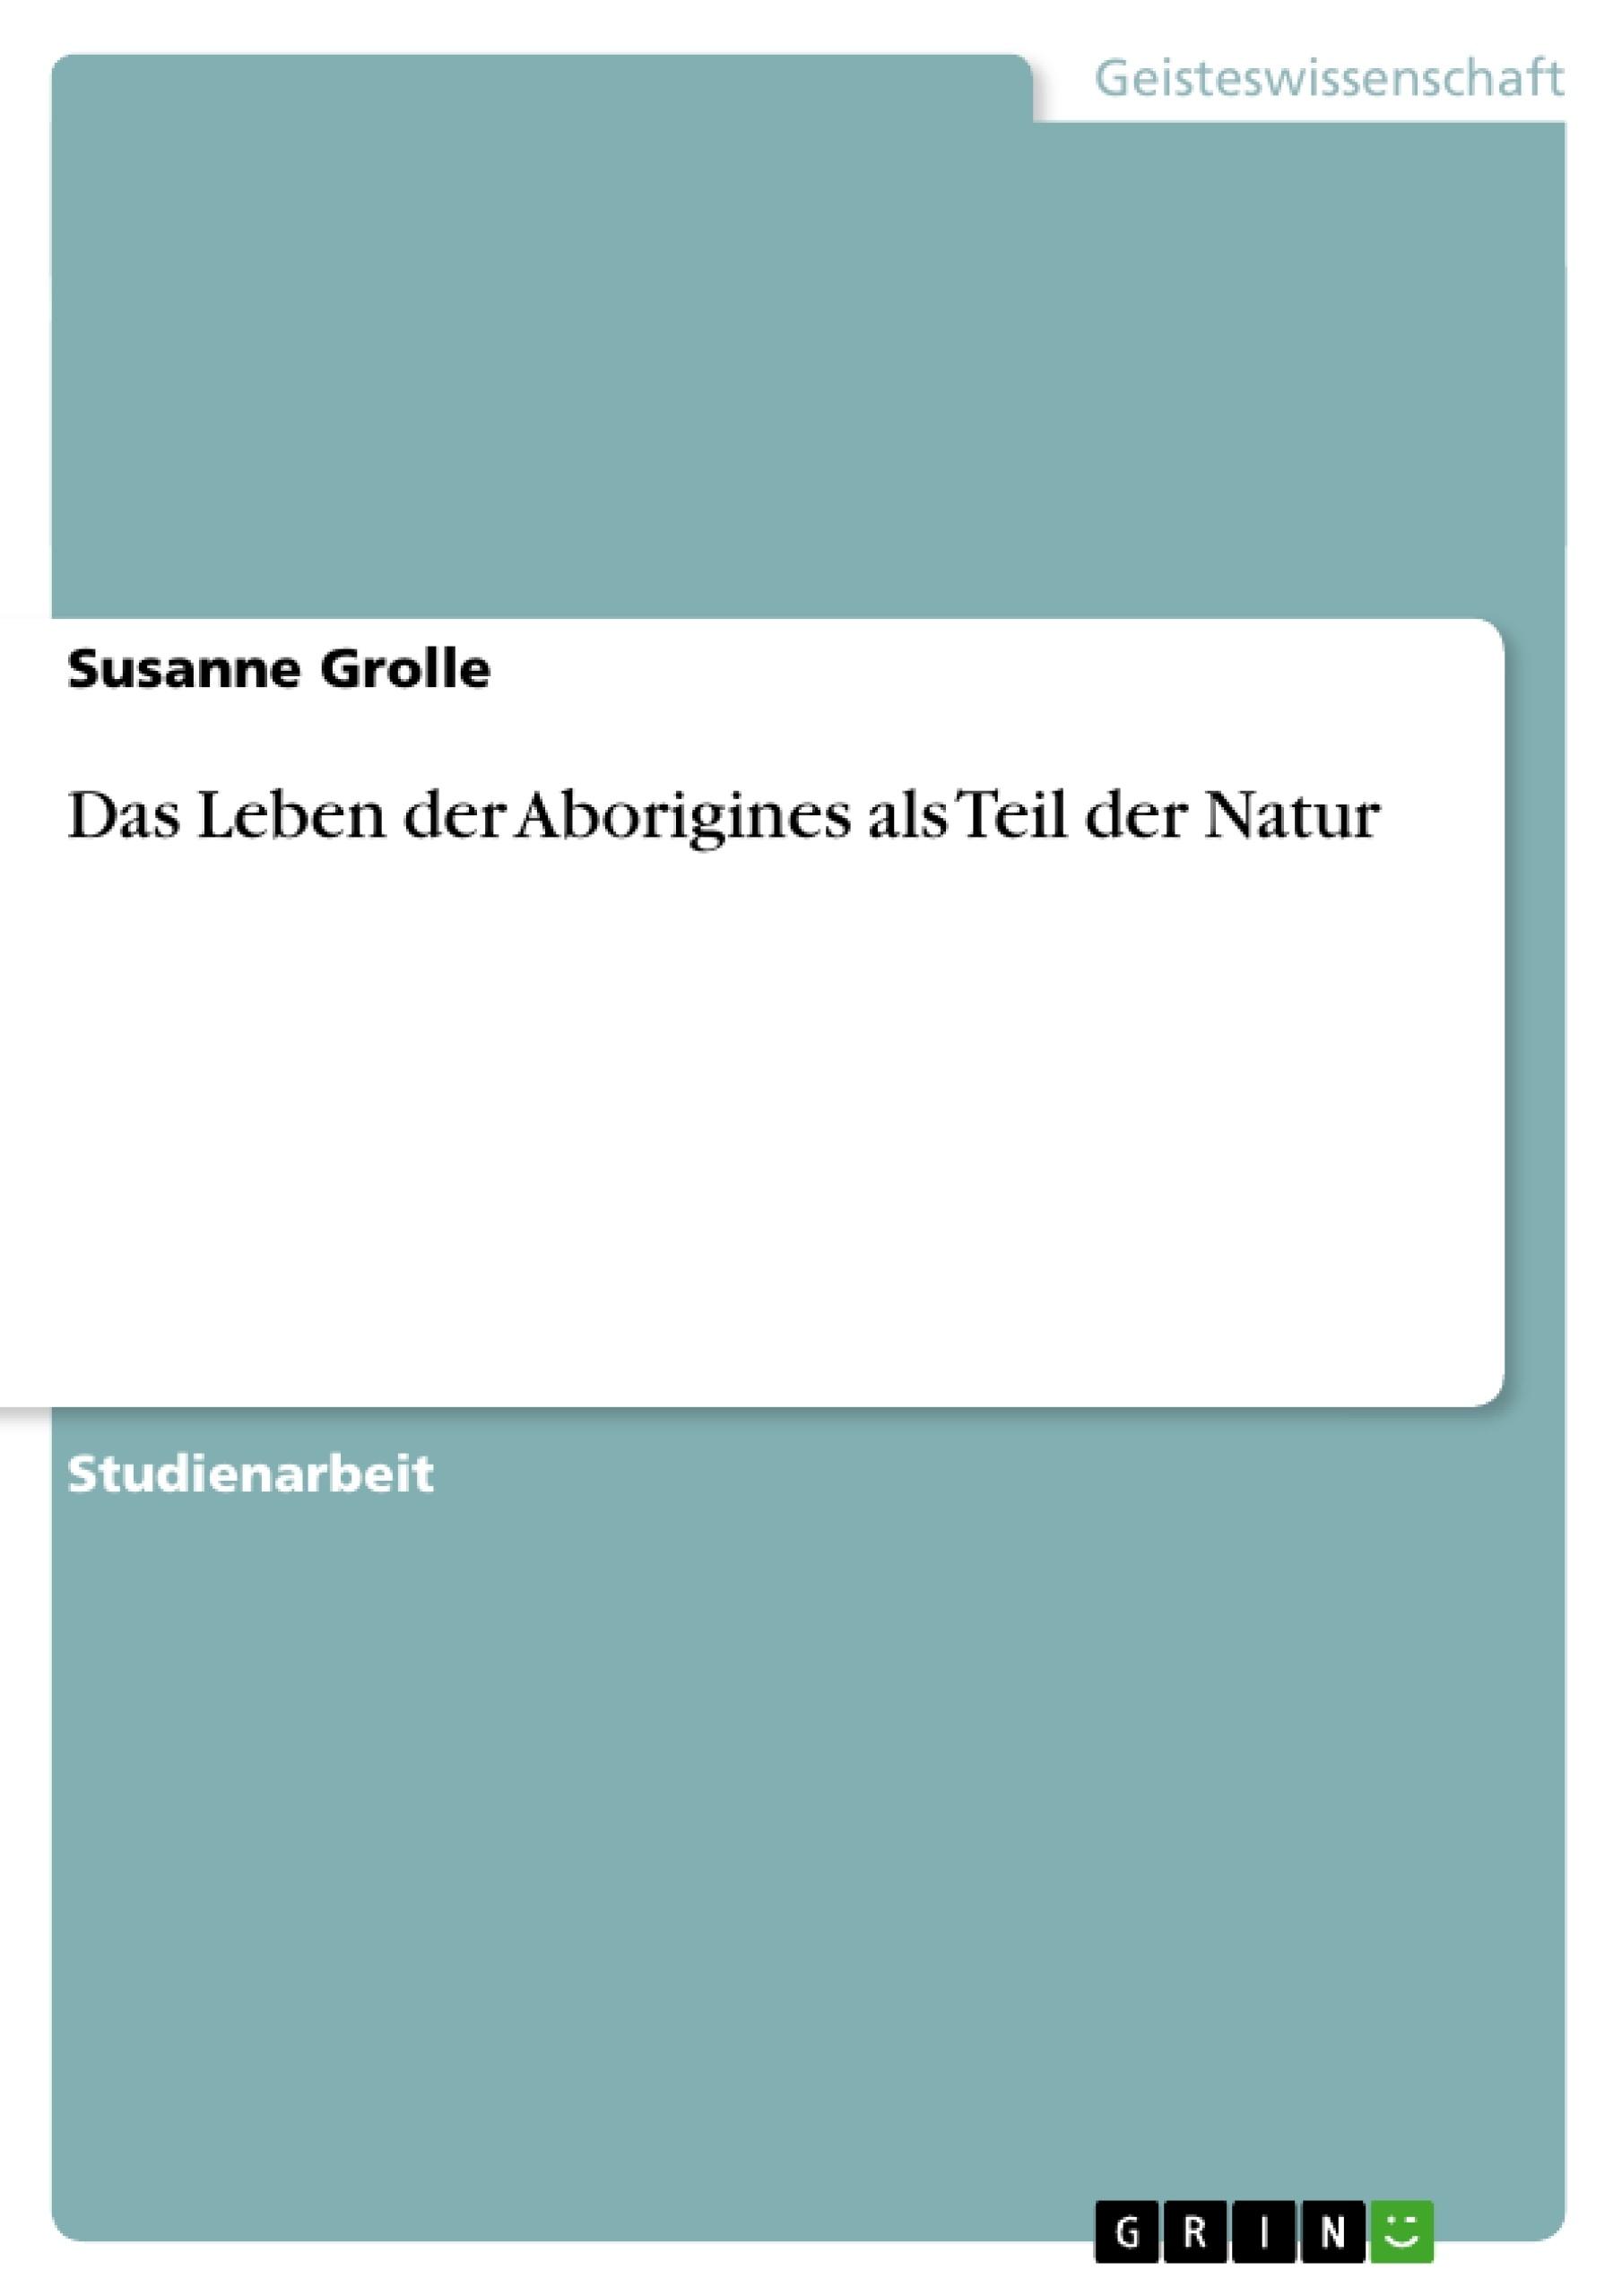 Titel: Das Leben der Aborigines als Teil der Natur